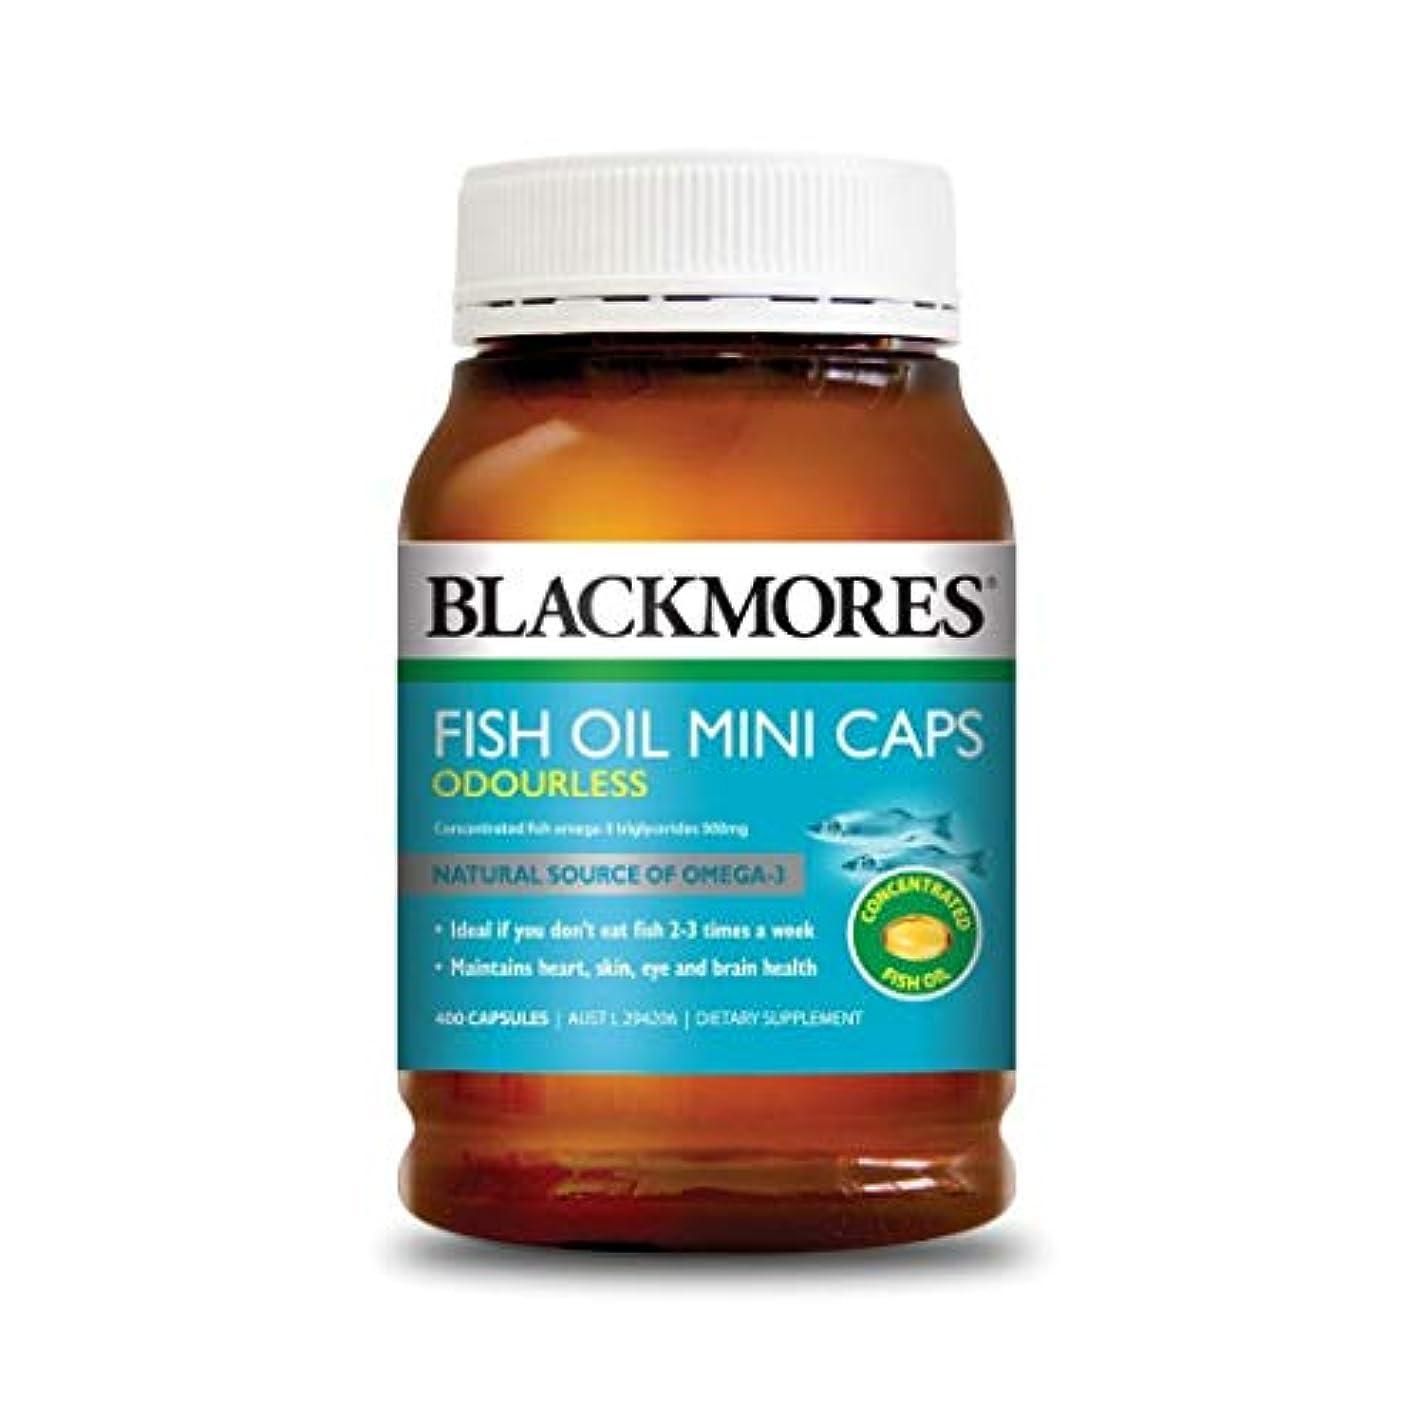 絶望的な流すガイダンス[BLACKMORES] フィッシュオイル ミニカプセル (FISH OIL MINI CAPS ODOURLESS) 400粒 [海外直送品]